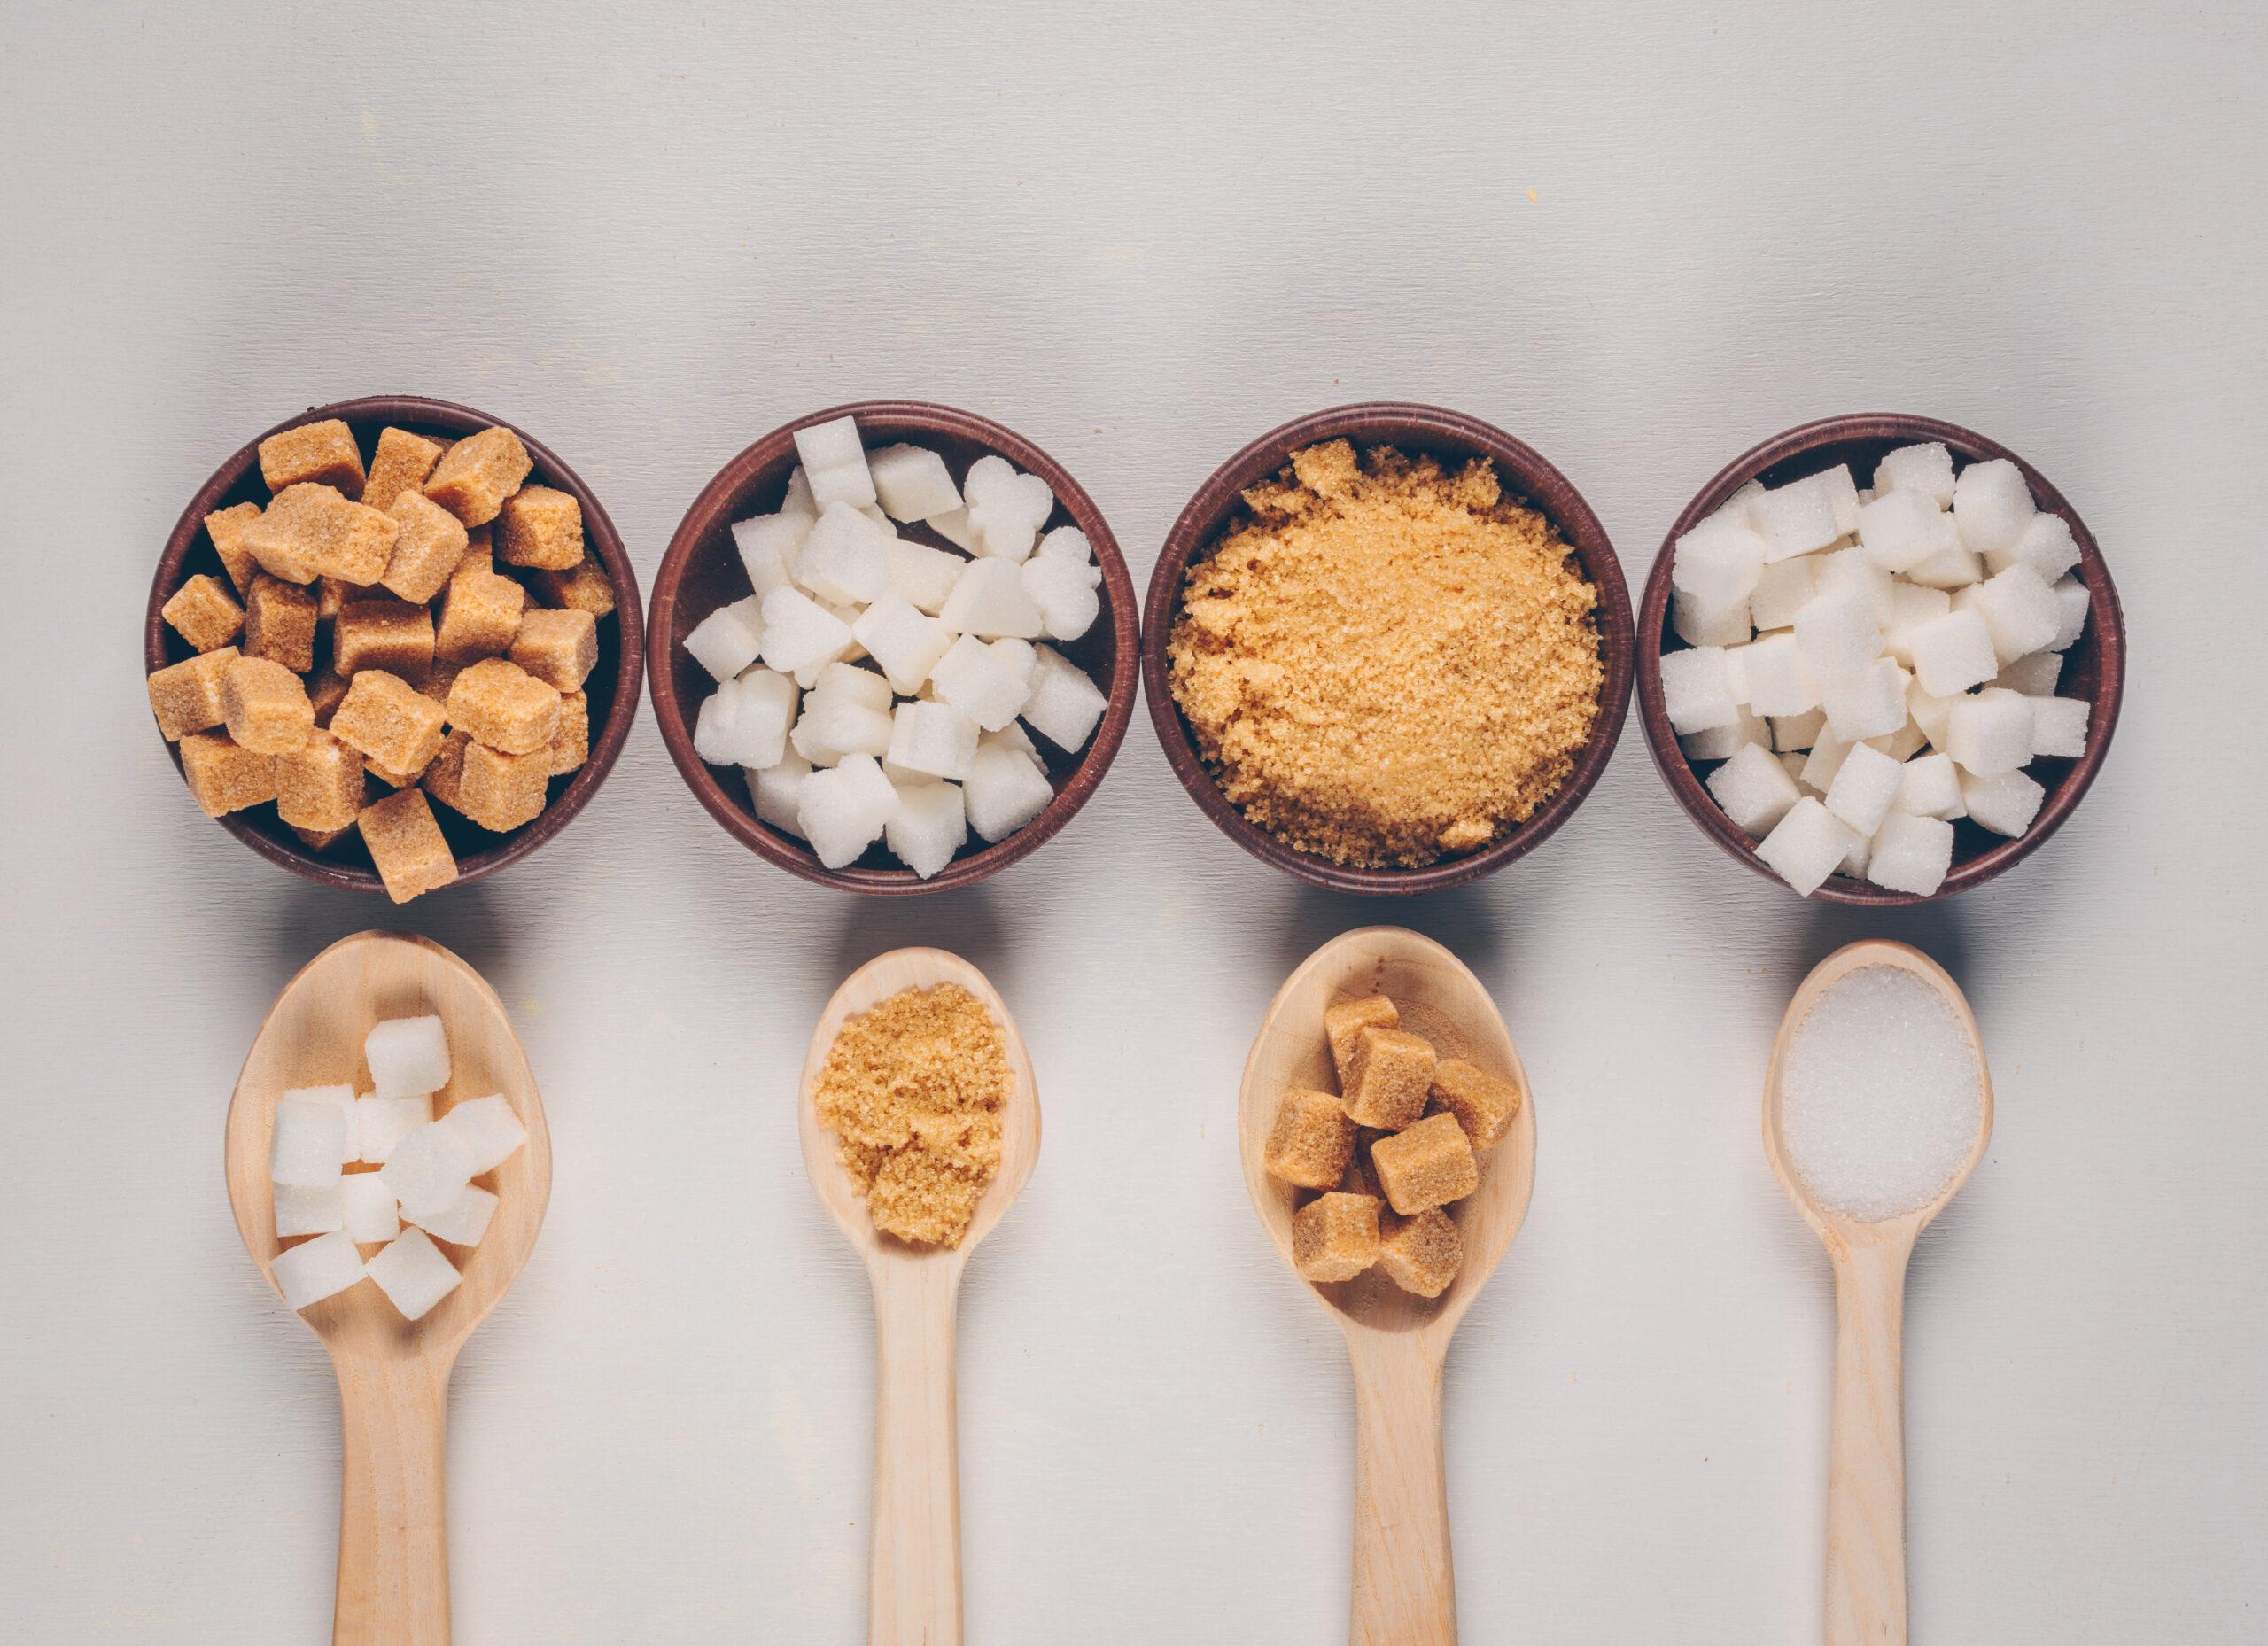 El papel del azúcar en la acumulación de grasa corporal